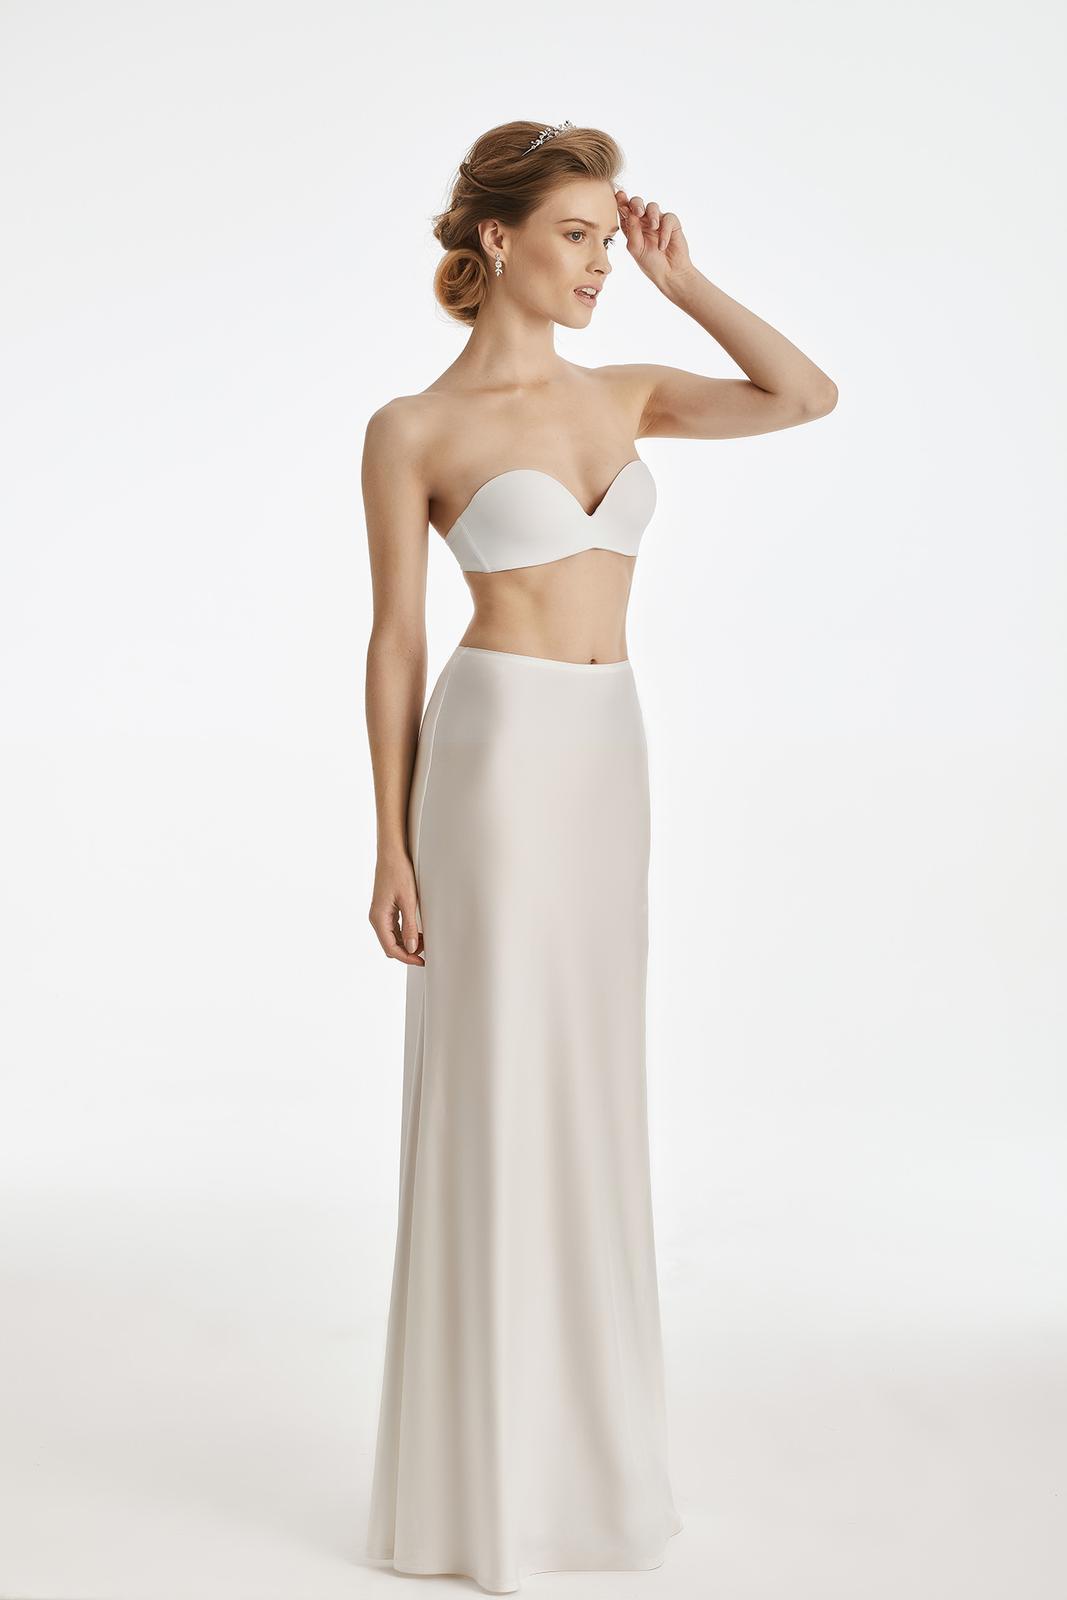 Svadobná spodnička bez kruhov - Obrázok č. 1